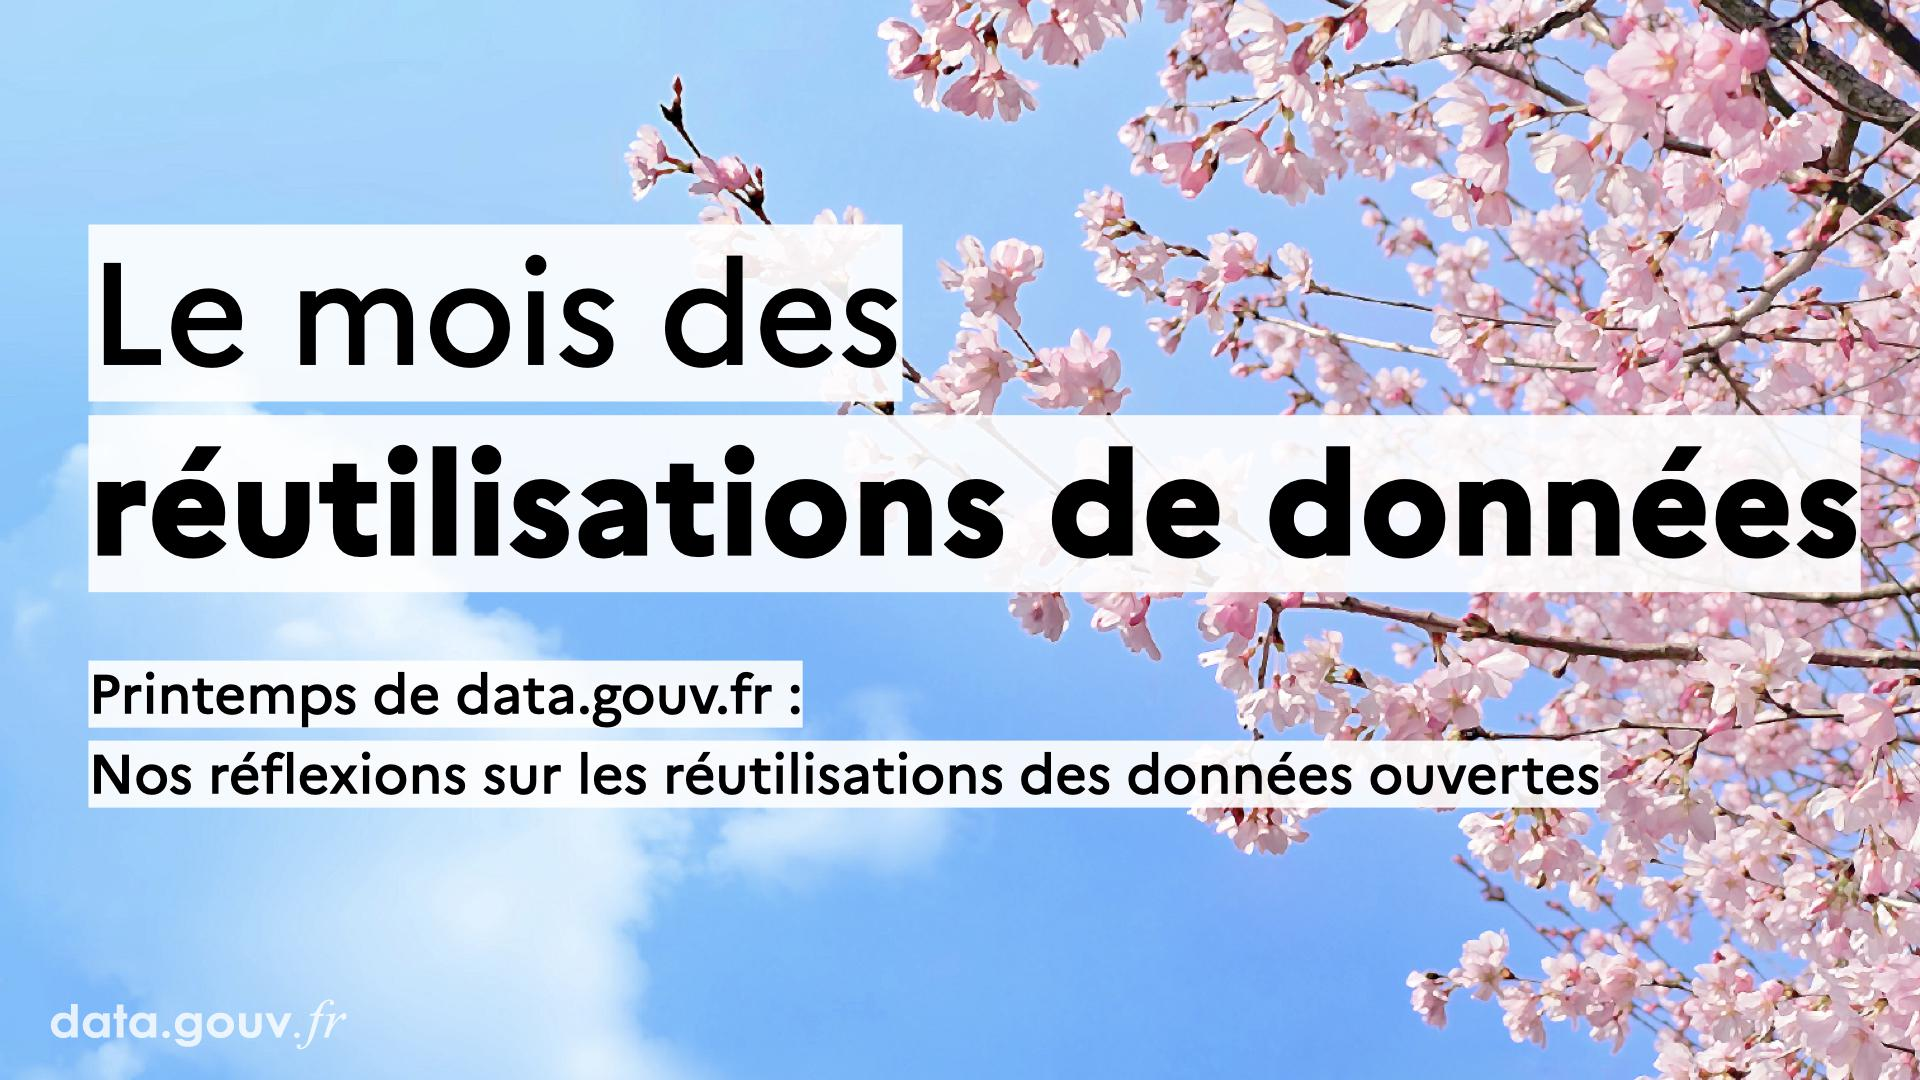 Nos réflexions sur les réutilisations des données ouvertes